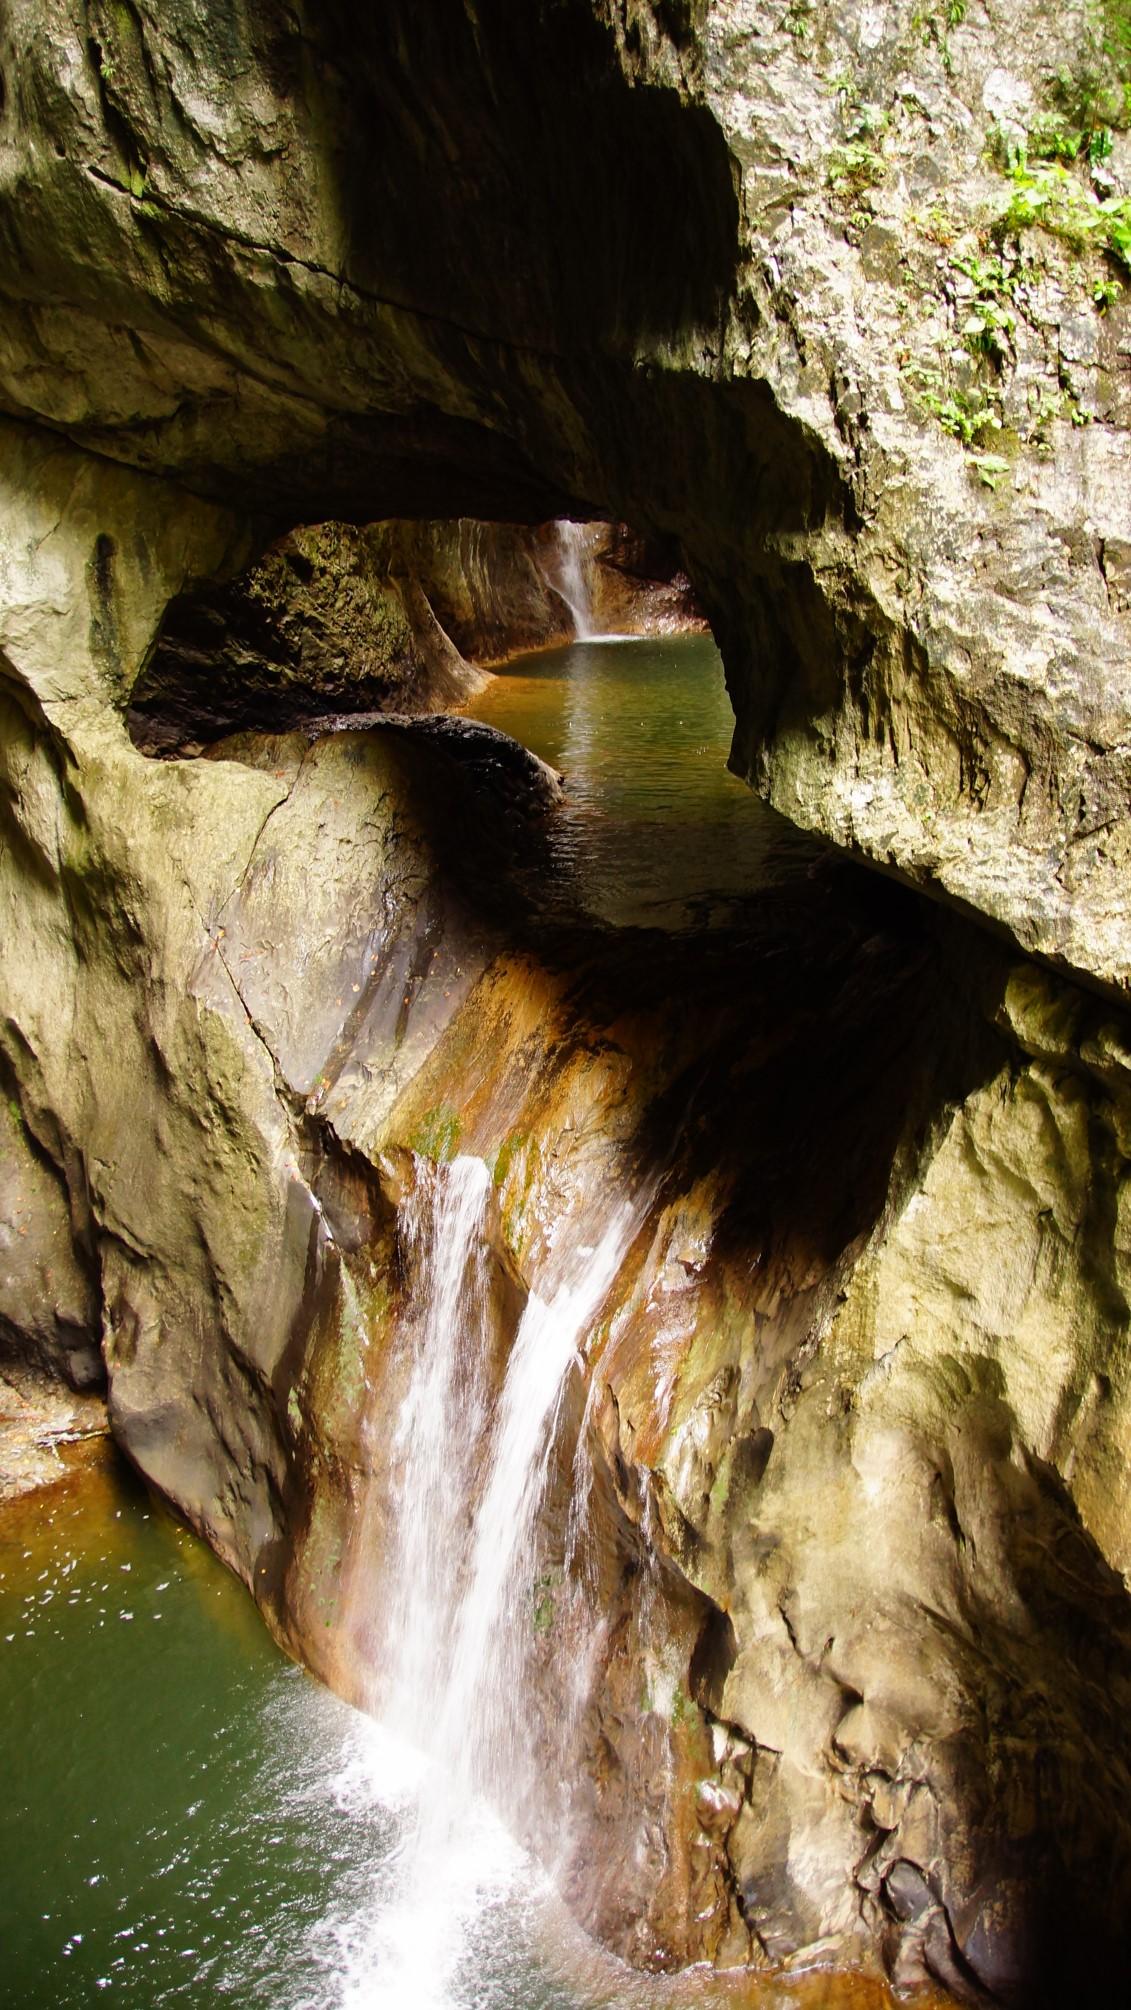 Jaskinie Szkocjańskie, Škocjan Caves, Slovenia